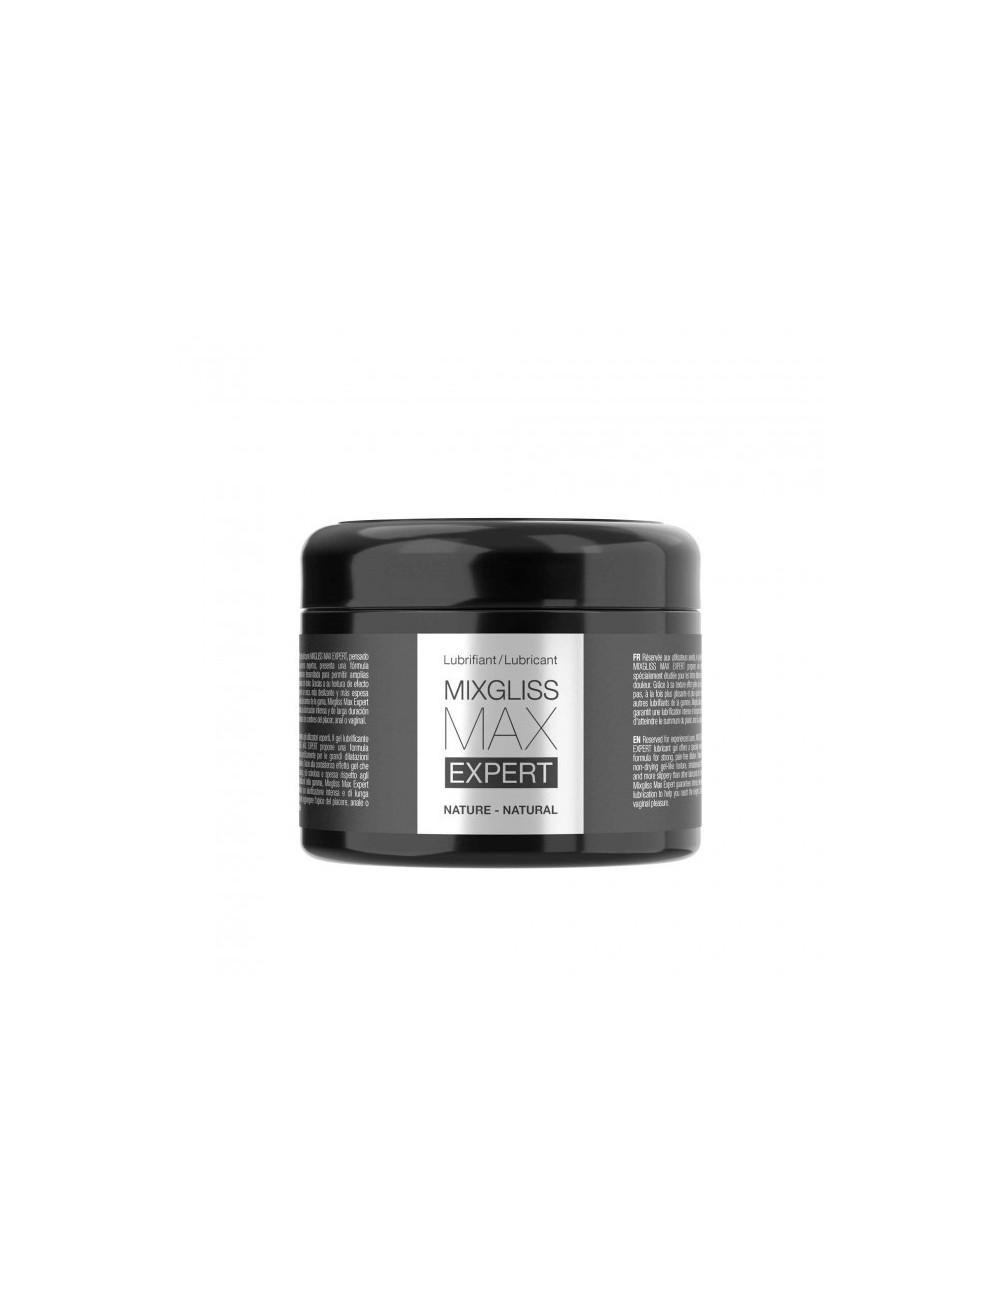 Mixgliss Eau - Max Expert 250 ml - Lubrifiants - Mixgliss